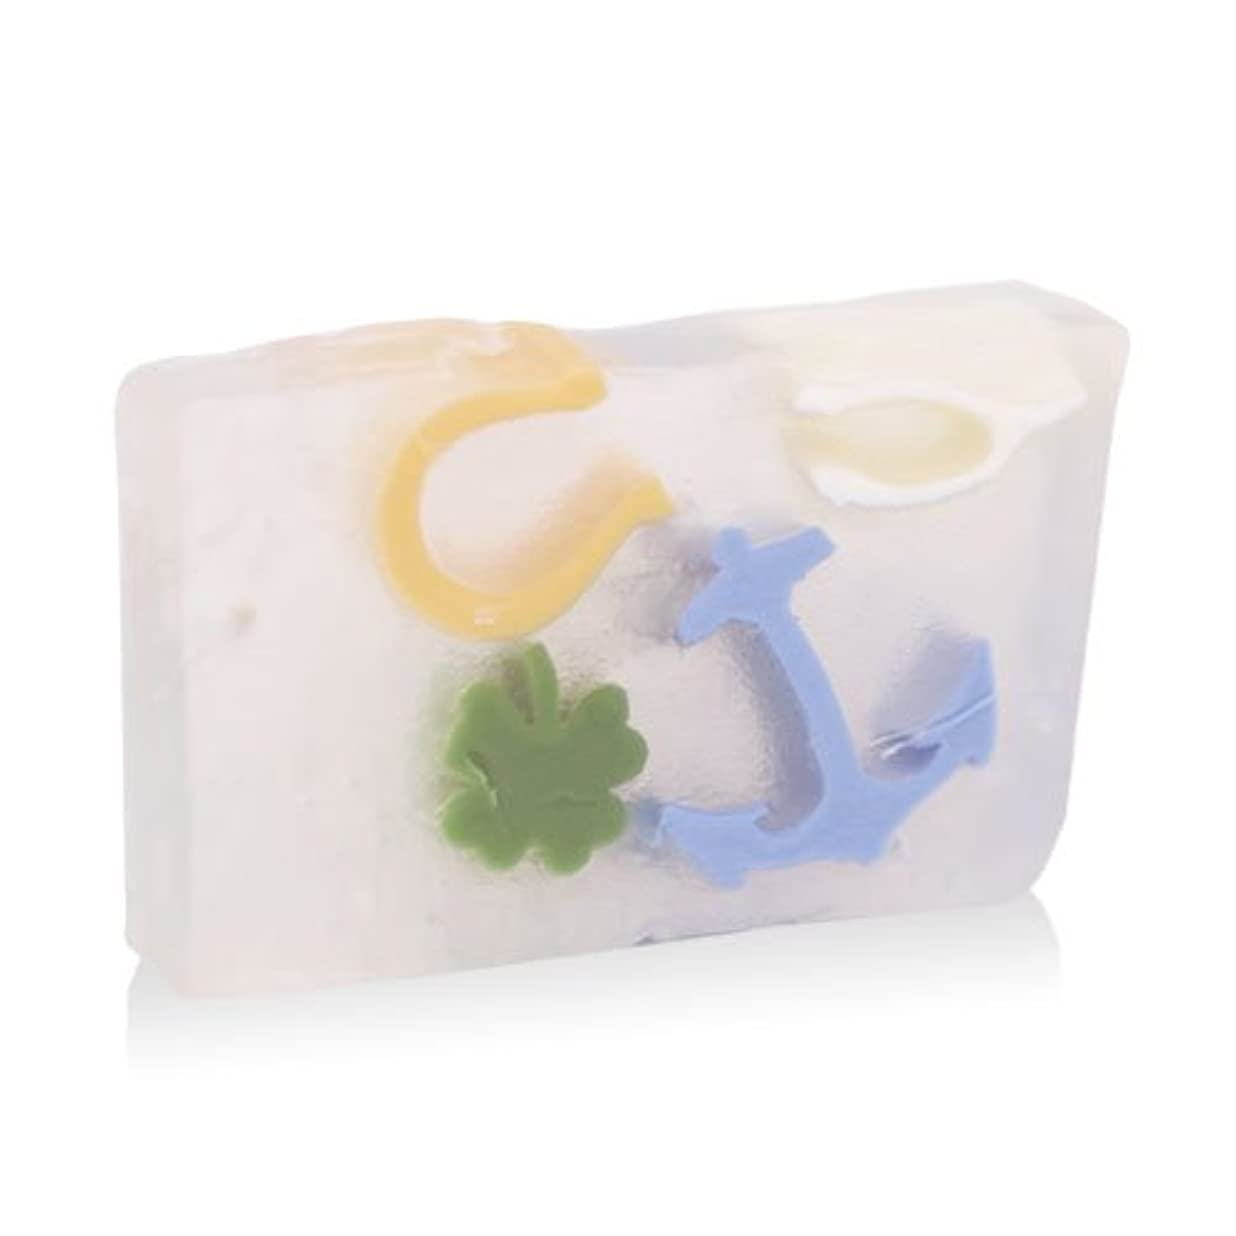 折る光実証するプライモールエレメンツ アロマティック ソープ グッドラックチャーム 180g 植物性 ナチュラル 石鹸 無添加